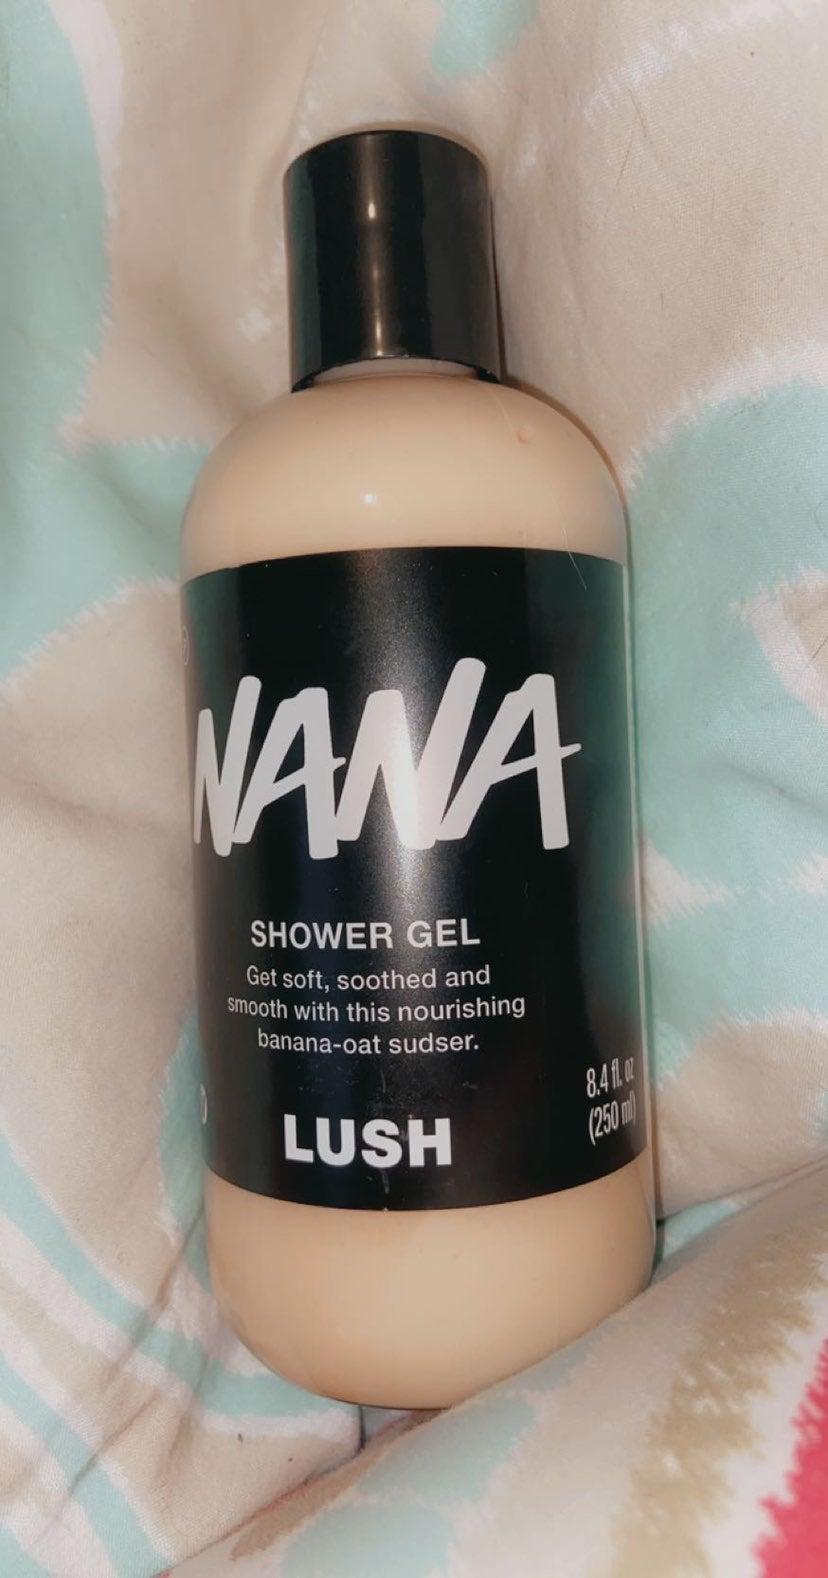 Lush Nana Shower Gel